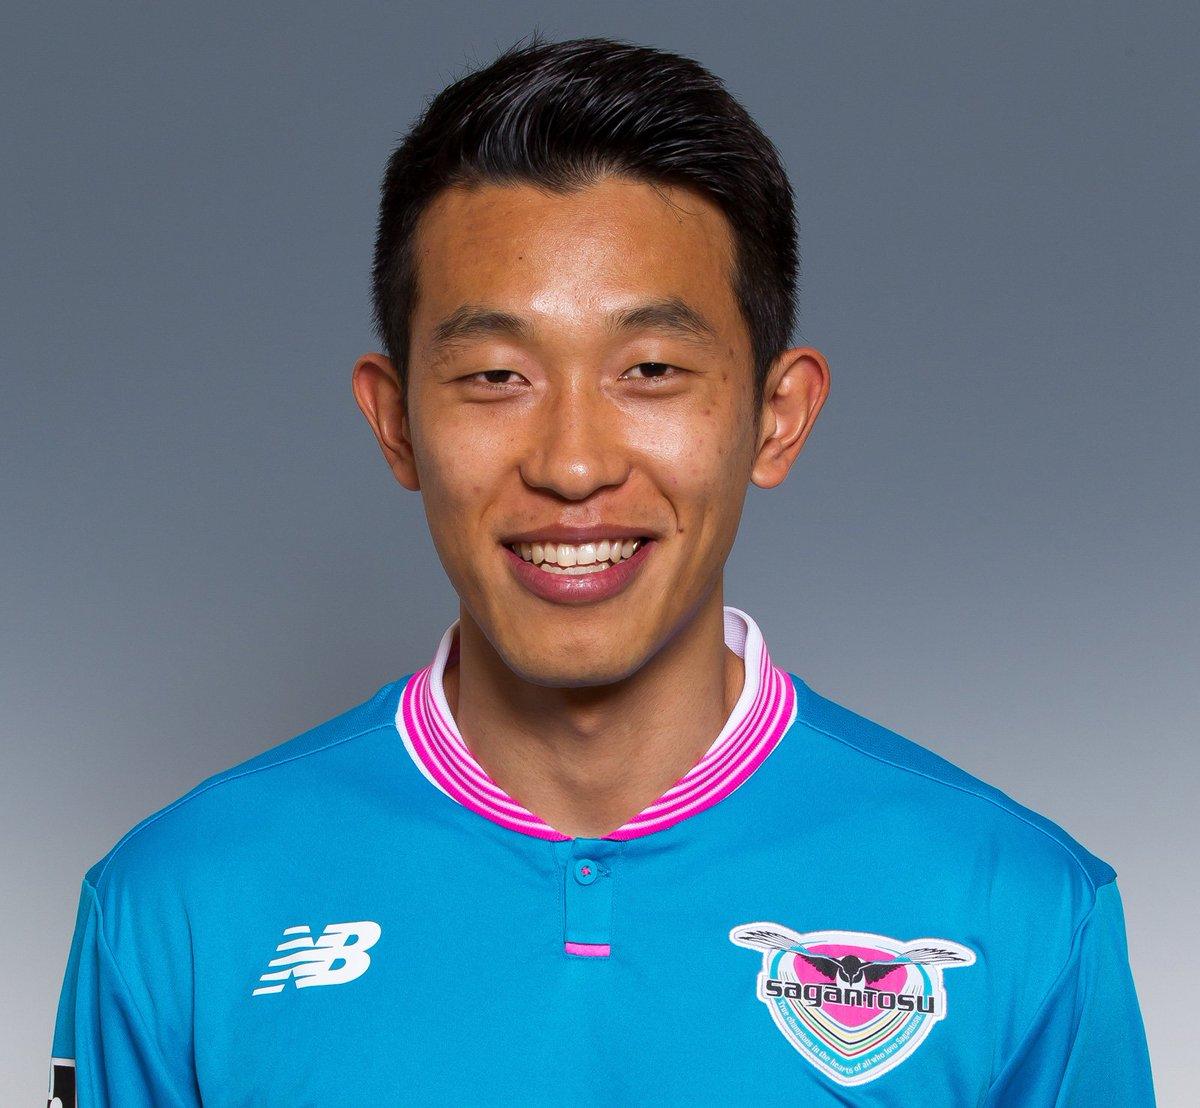 崔誠根選手 FC岐阜へ期限付き移籍のお知らせ #sagantosu sagan-tosu.net/n…